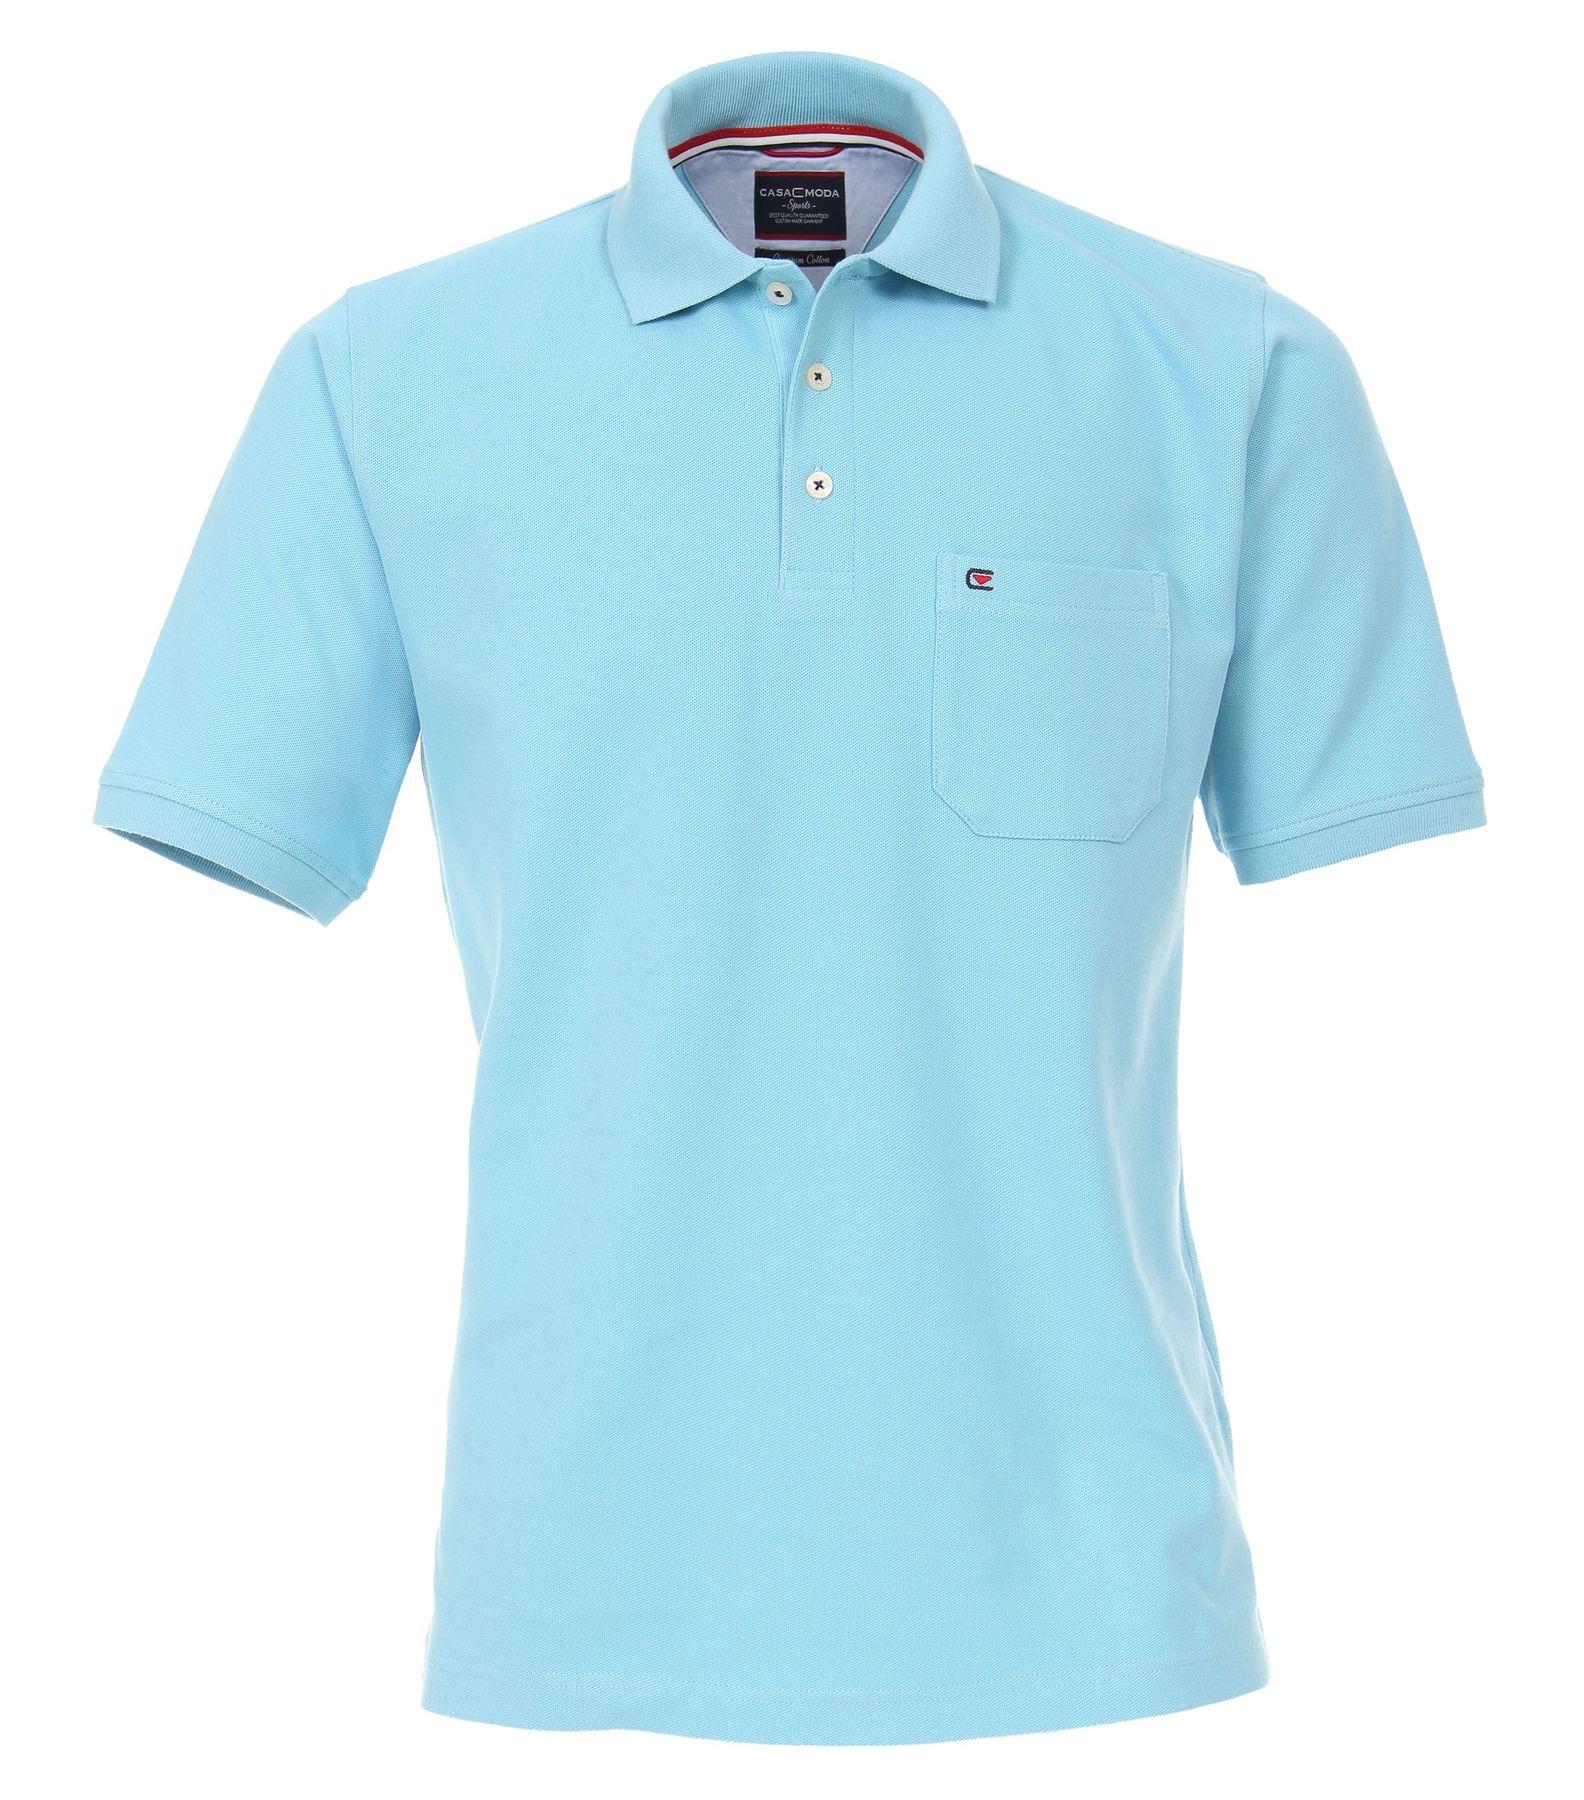 Casa Moda - Herren Polo Shirt mit Brusttasche in verschiedenen Farben S-6XL (004270) – Bild 24